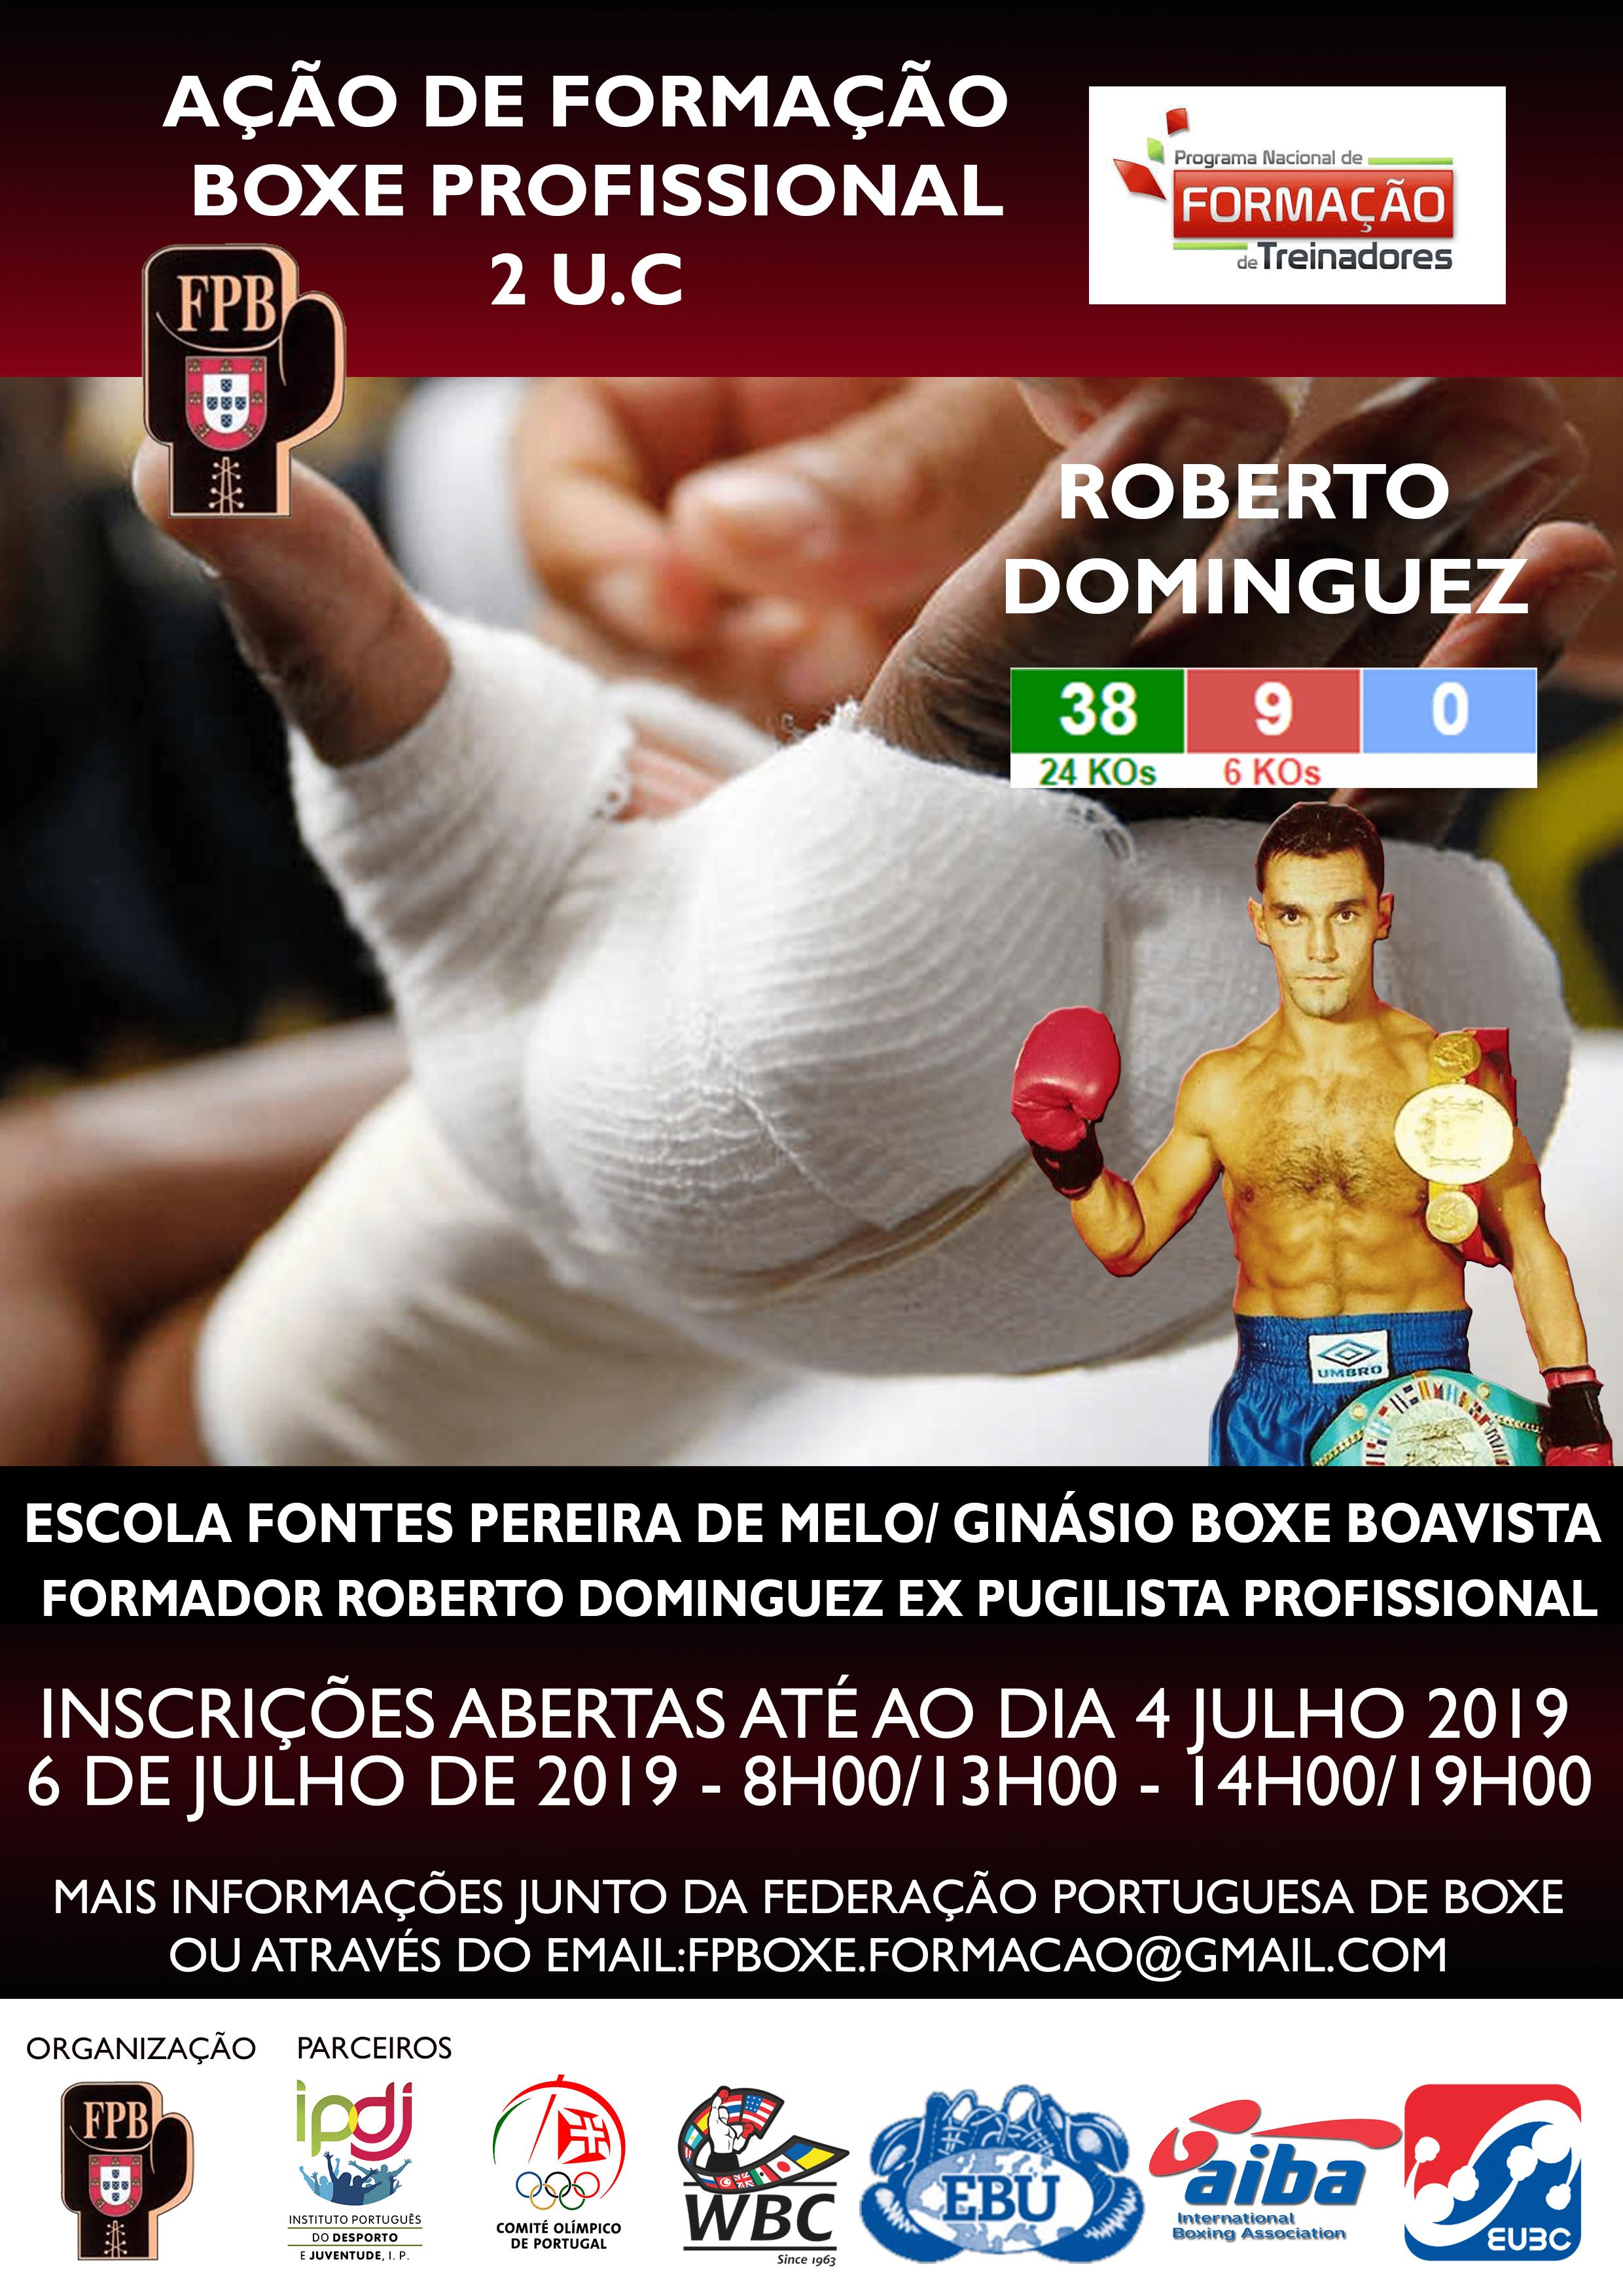 Ação de formação em boxe profissional